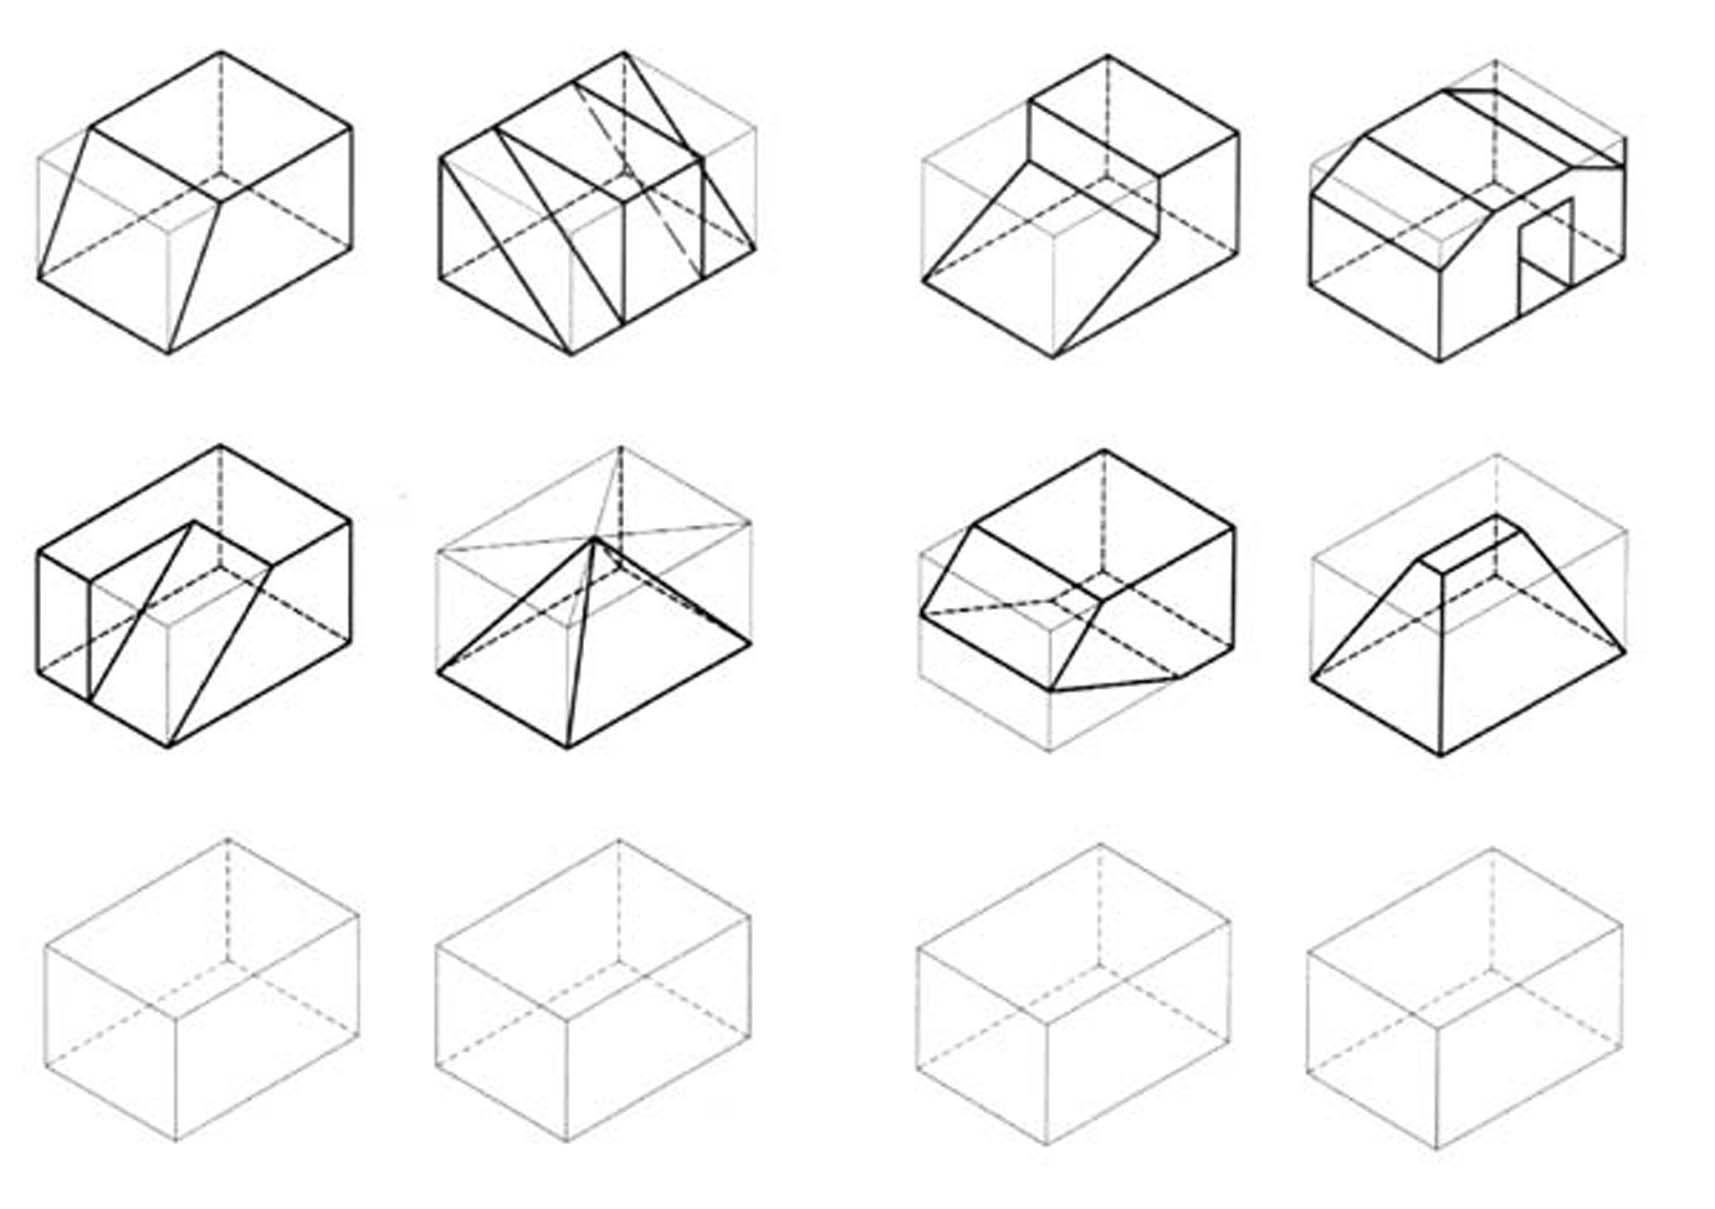 Isometric Drawing Dibujo Tecnico